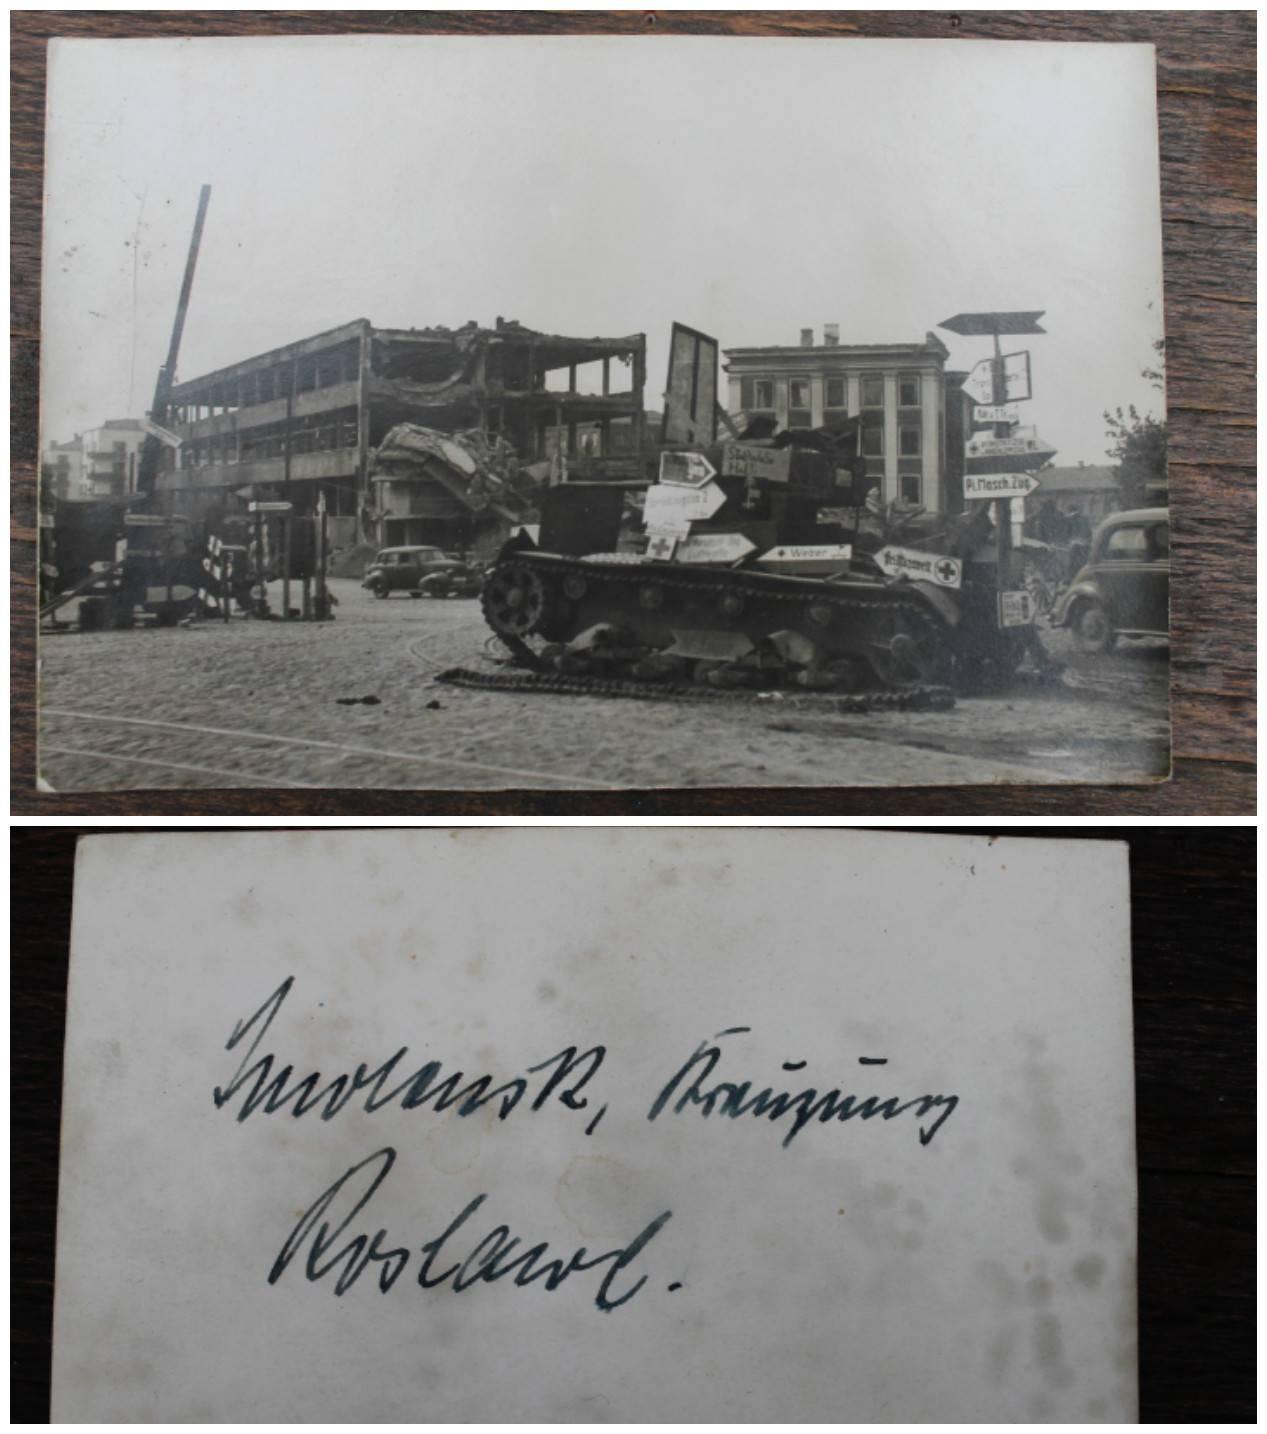 II PK pamusto vokisko tanko nuotrauka. Kaina 23